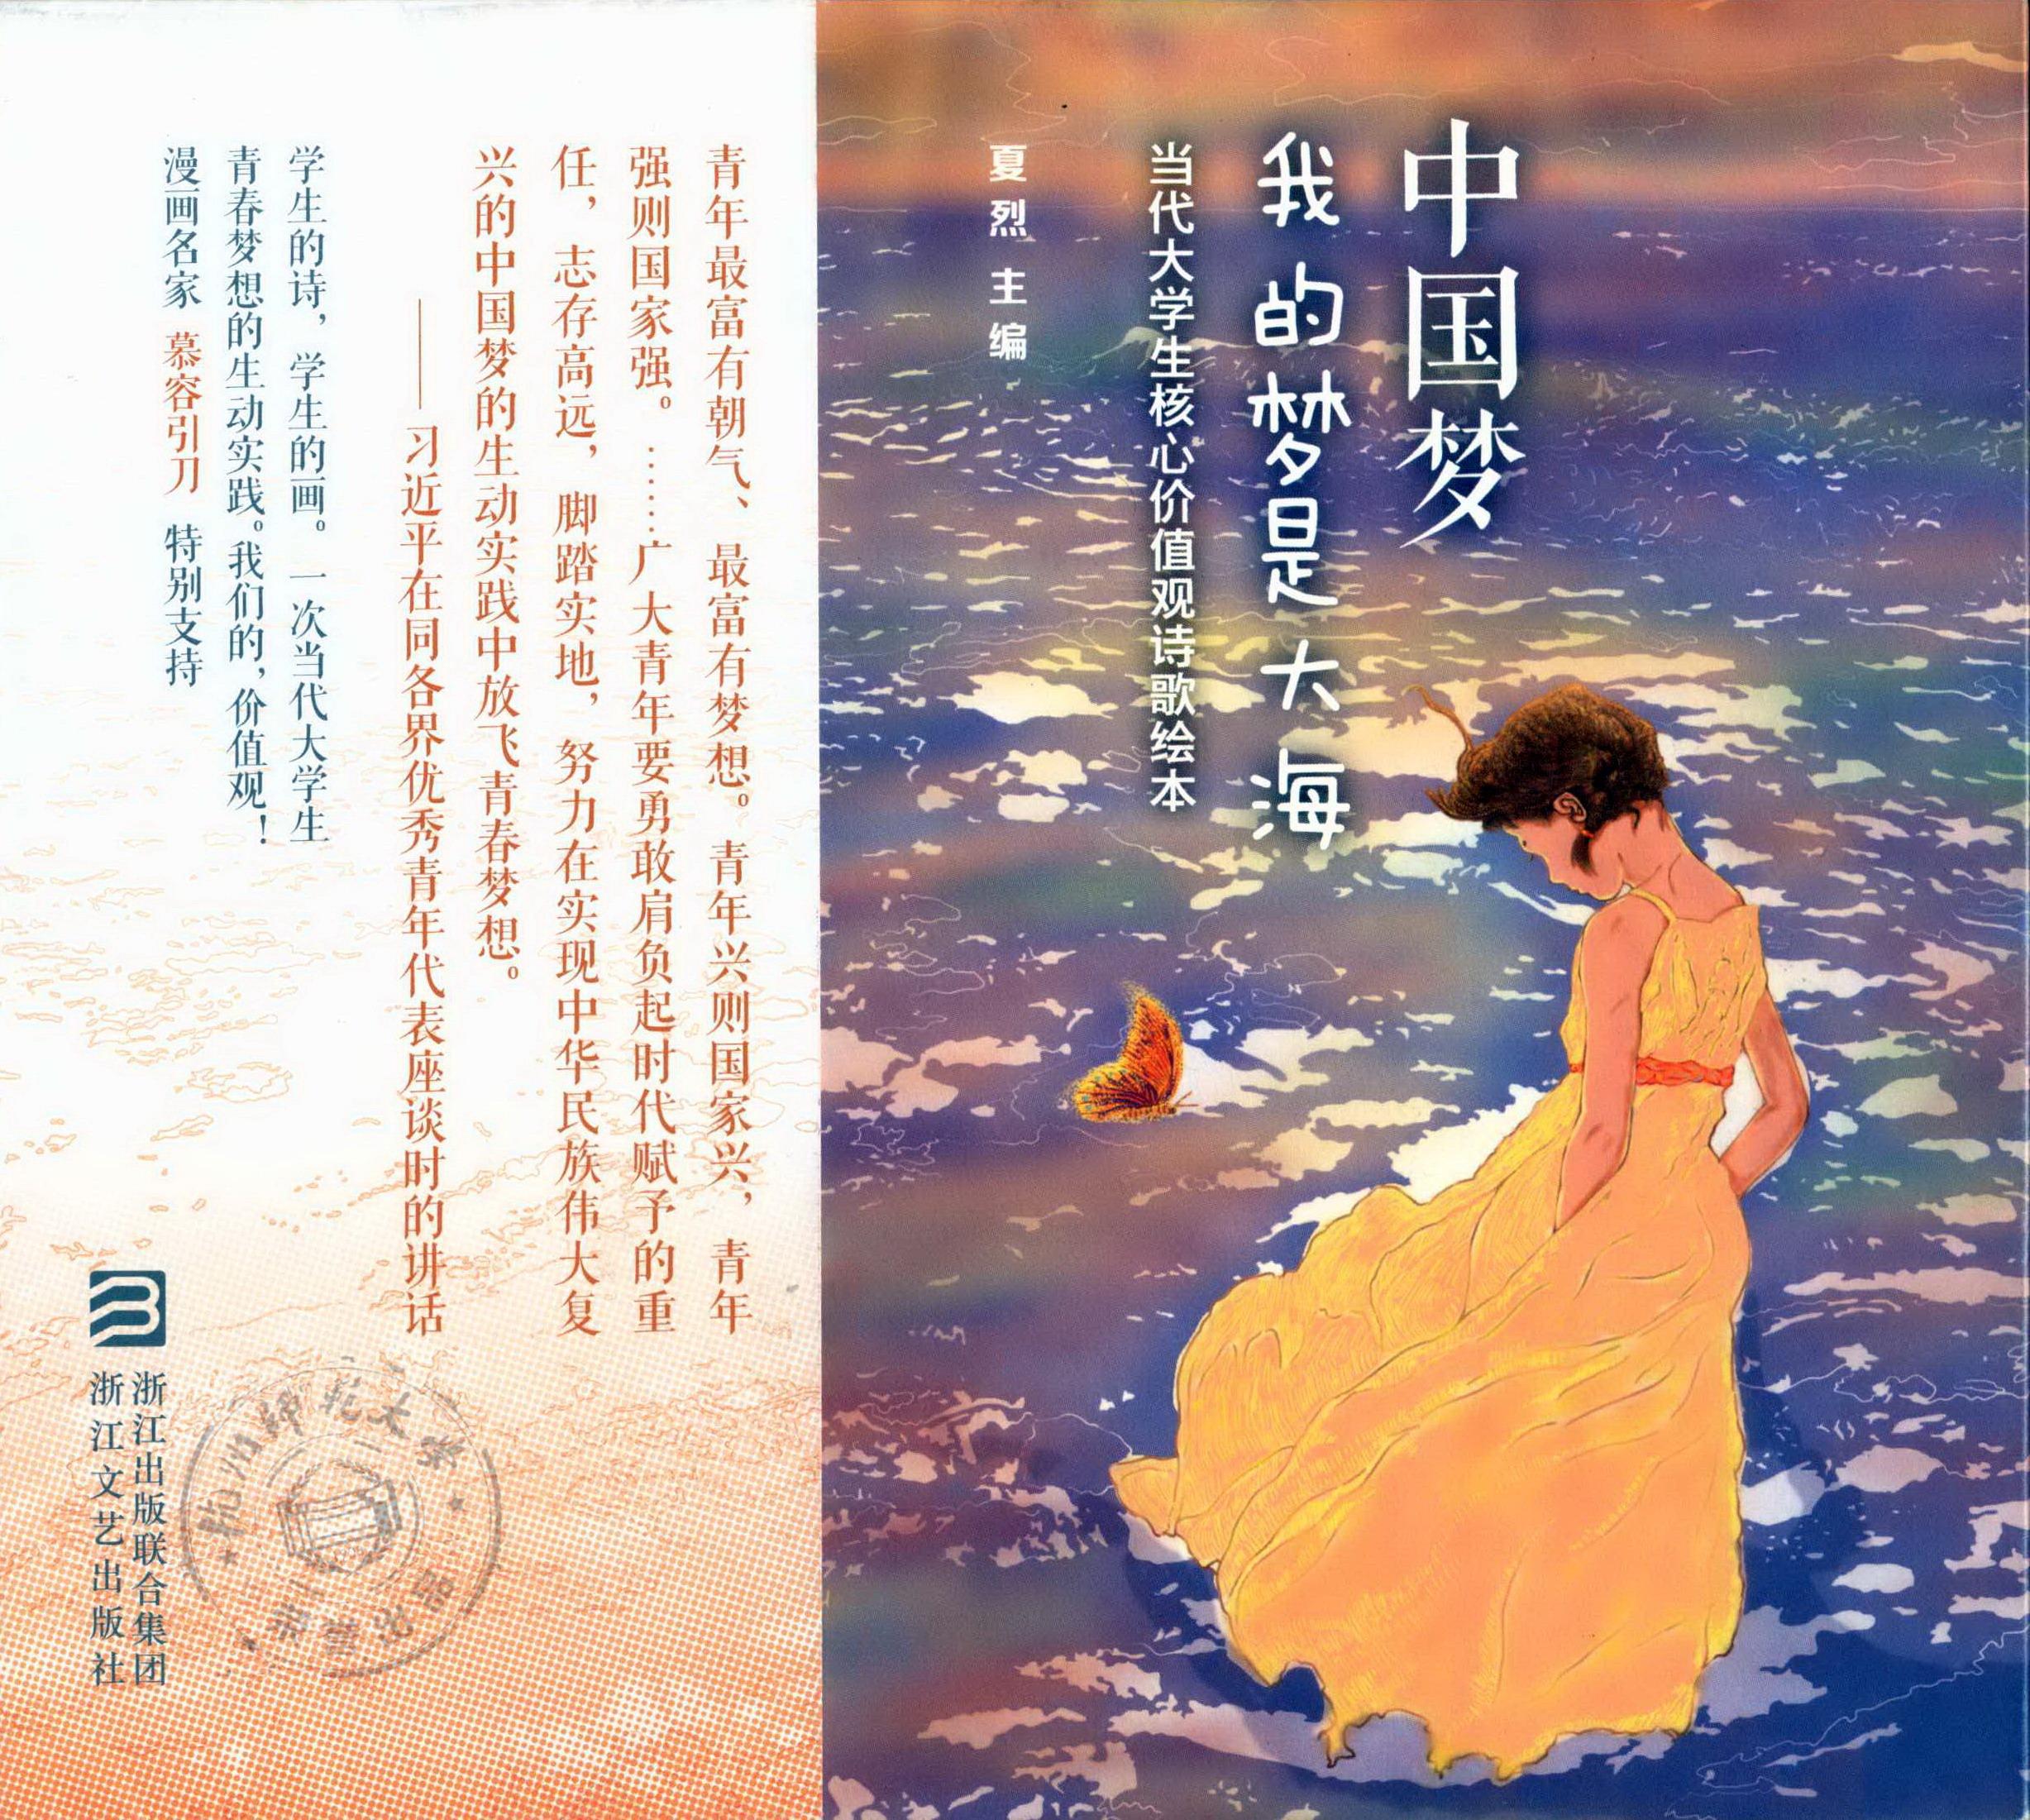 师大学生自创 中国梦诗歌绘本 传播核心价值观